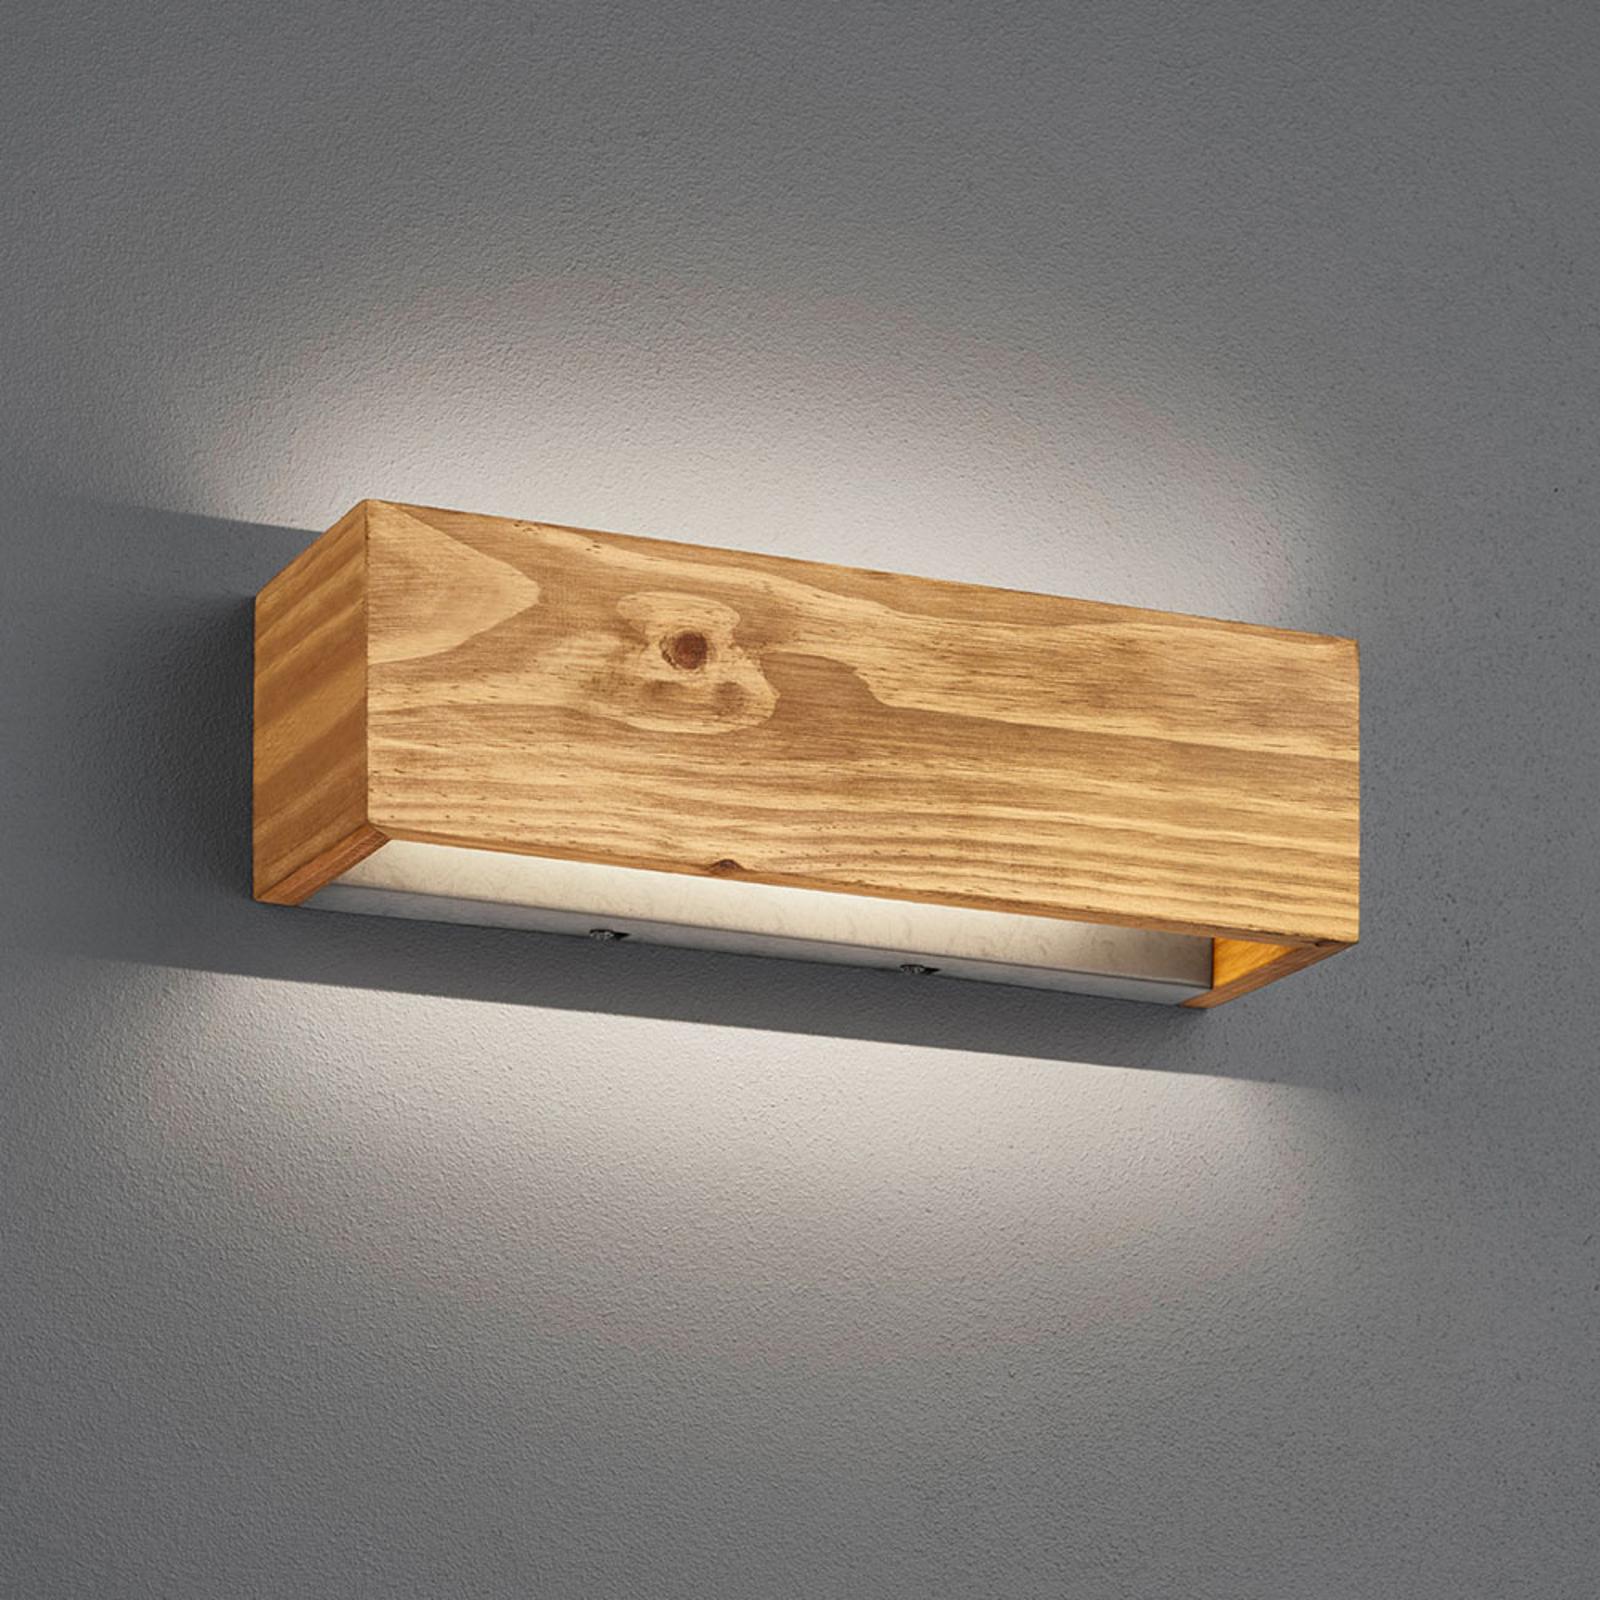 LED nástěnné světlo Brad ze dřeva up/down, 37x11cm